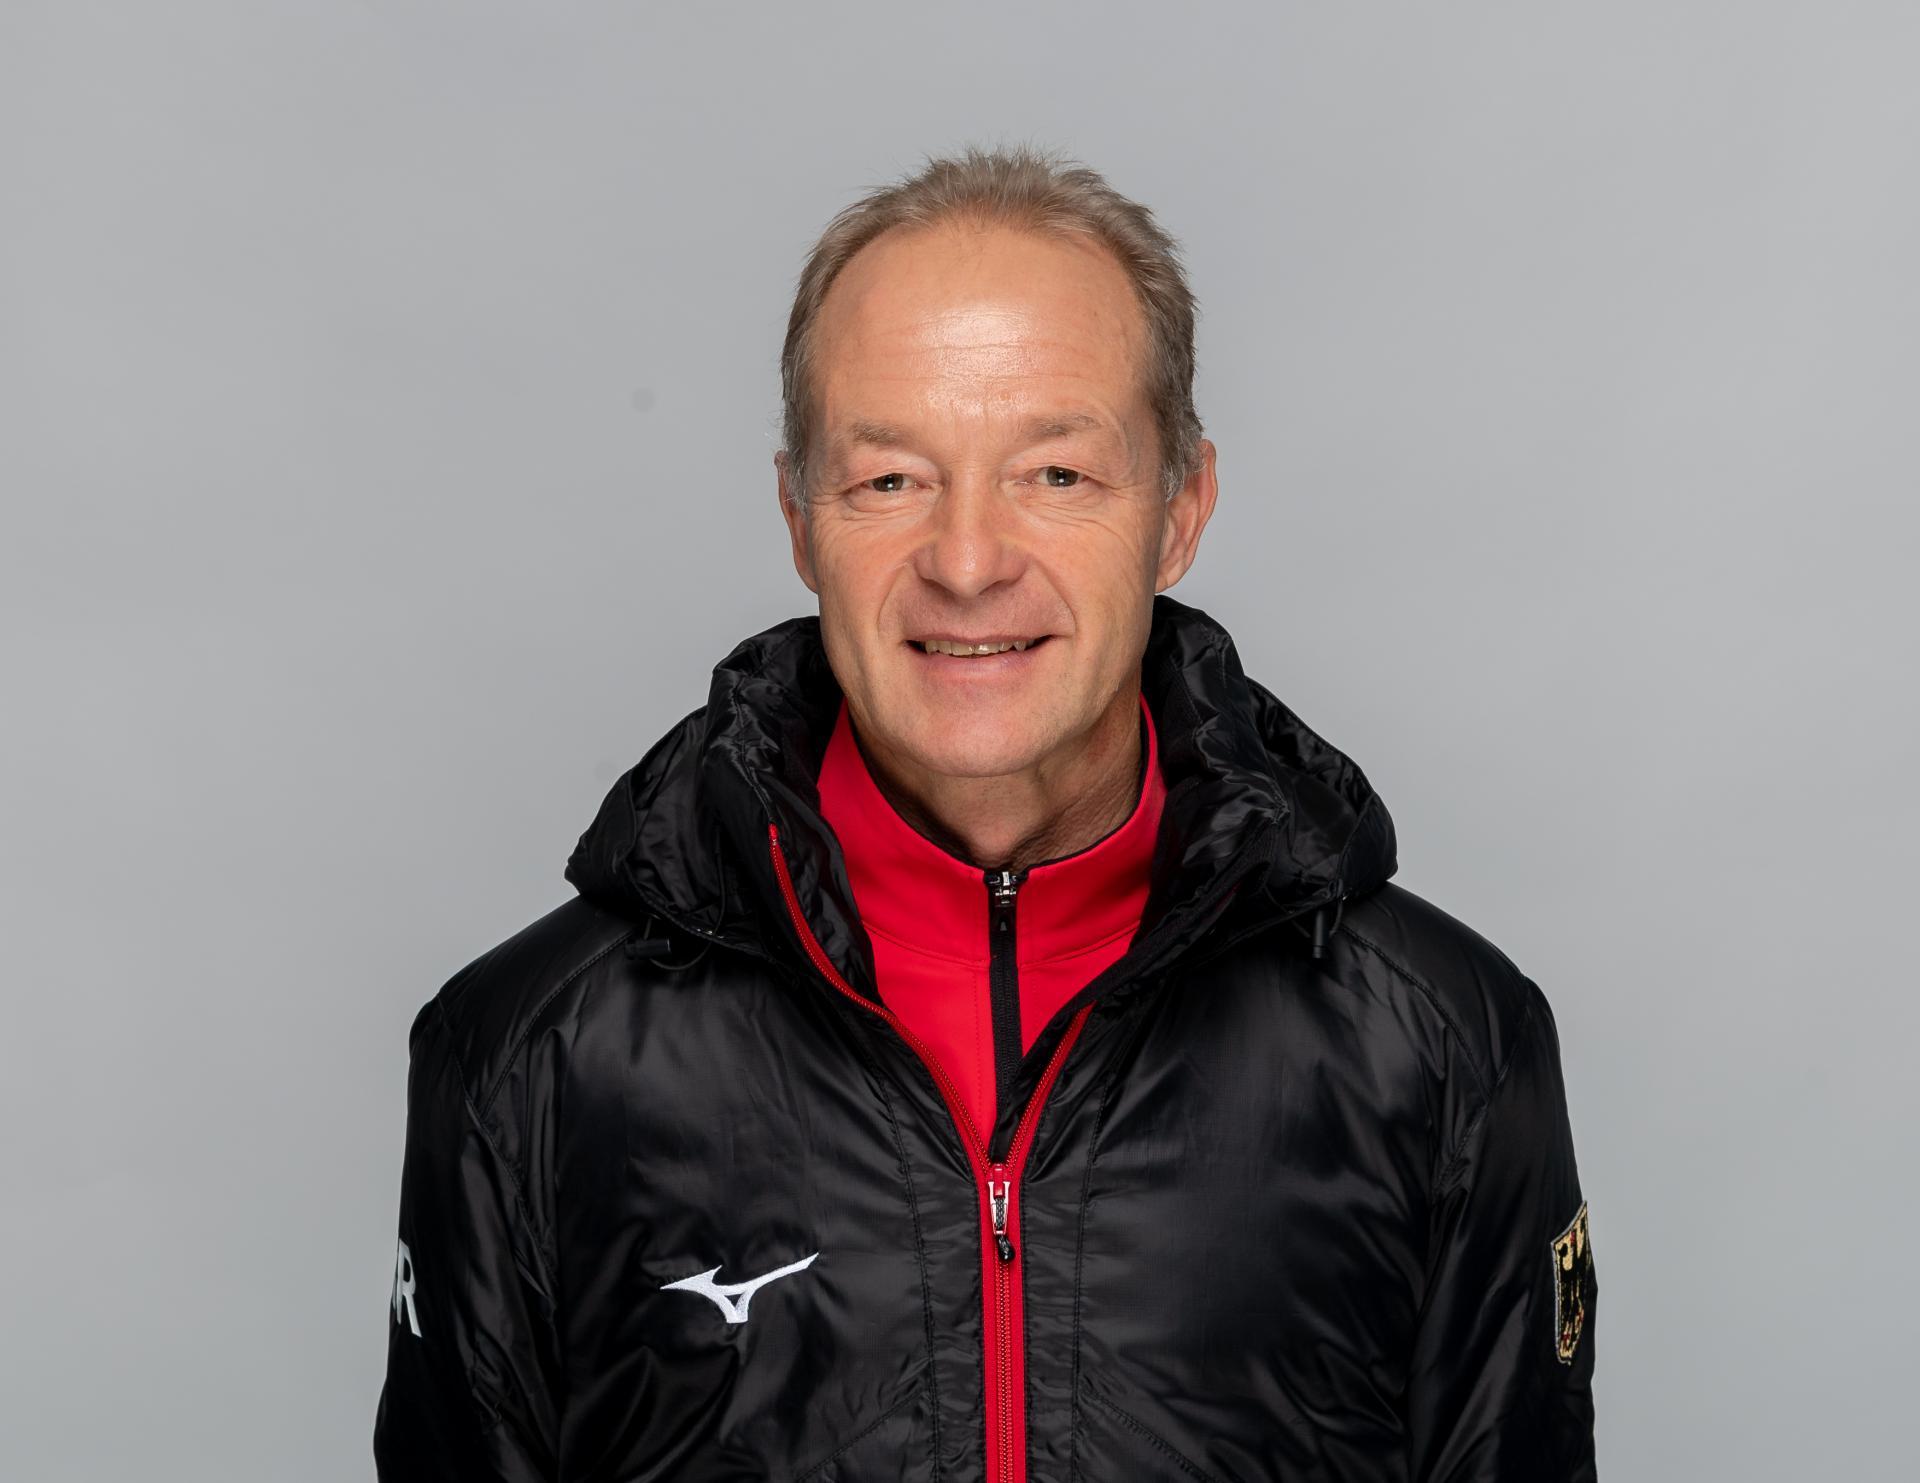 Helge Jasch